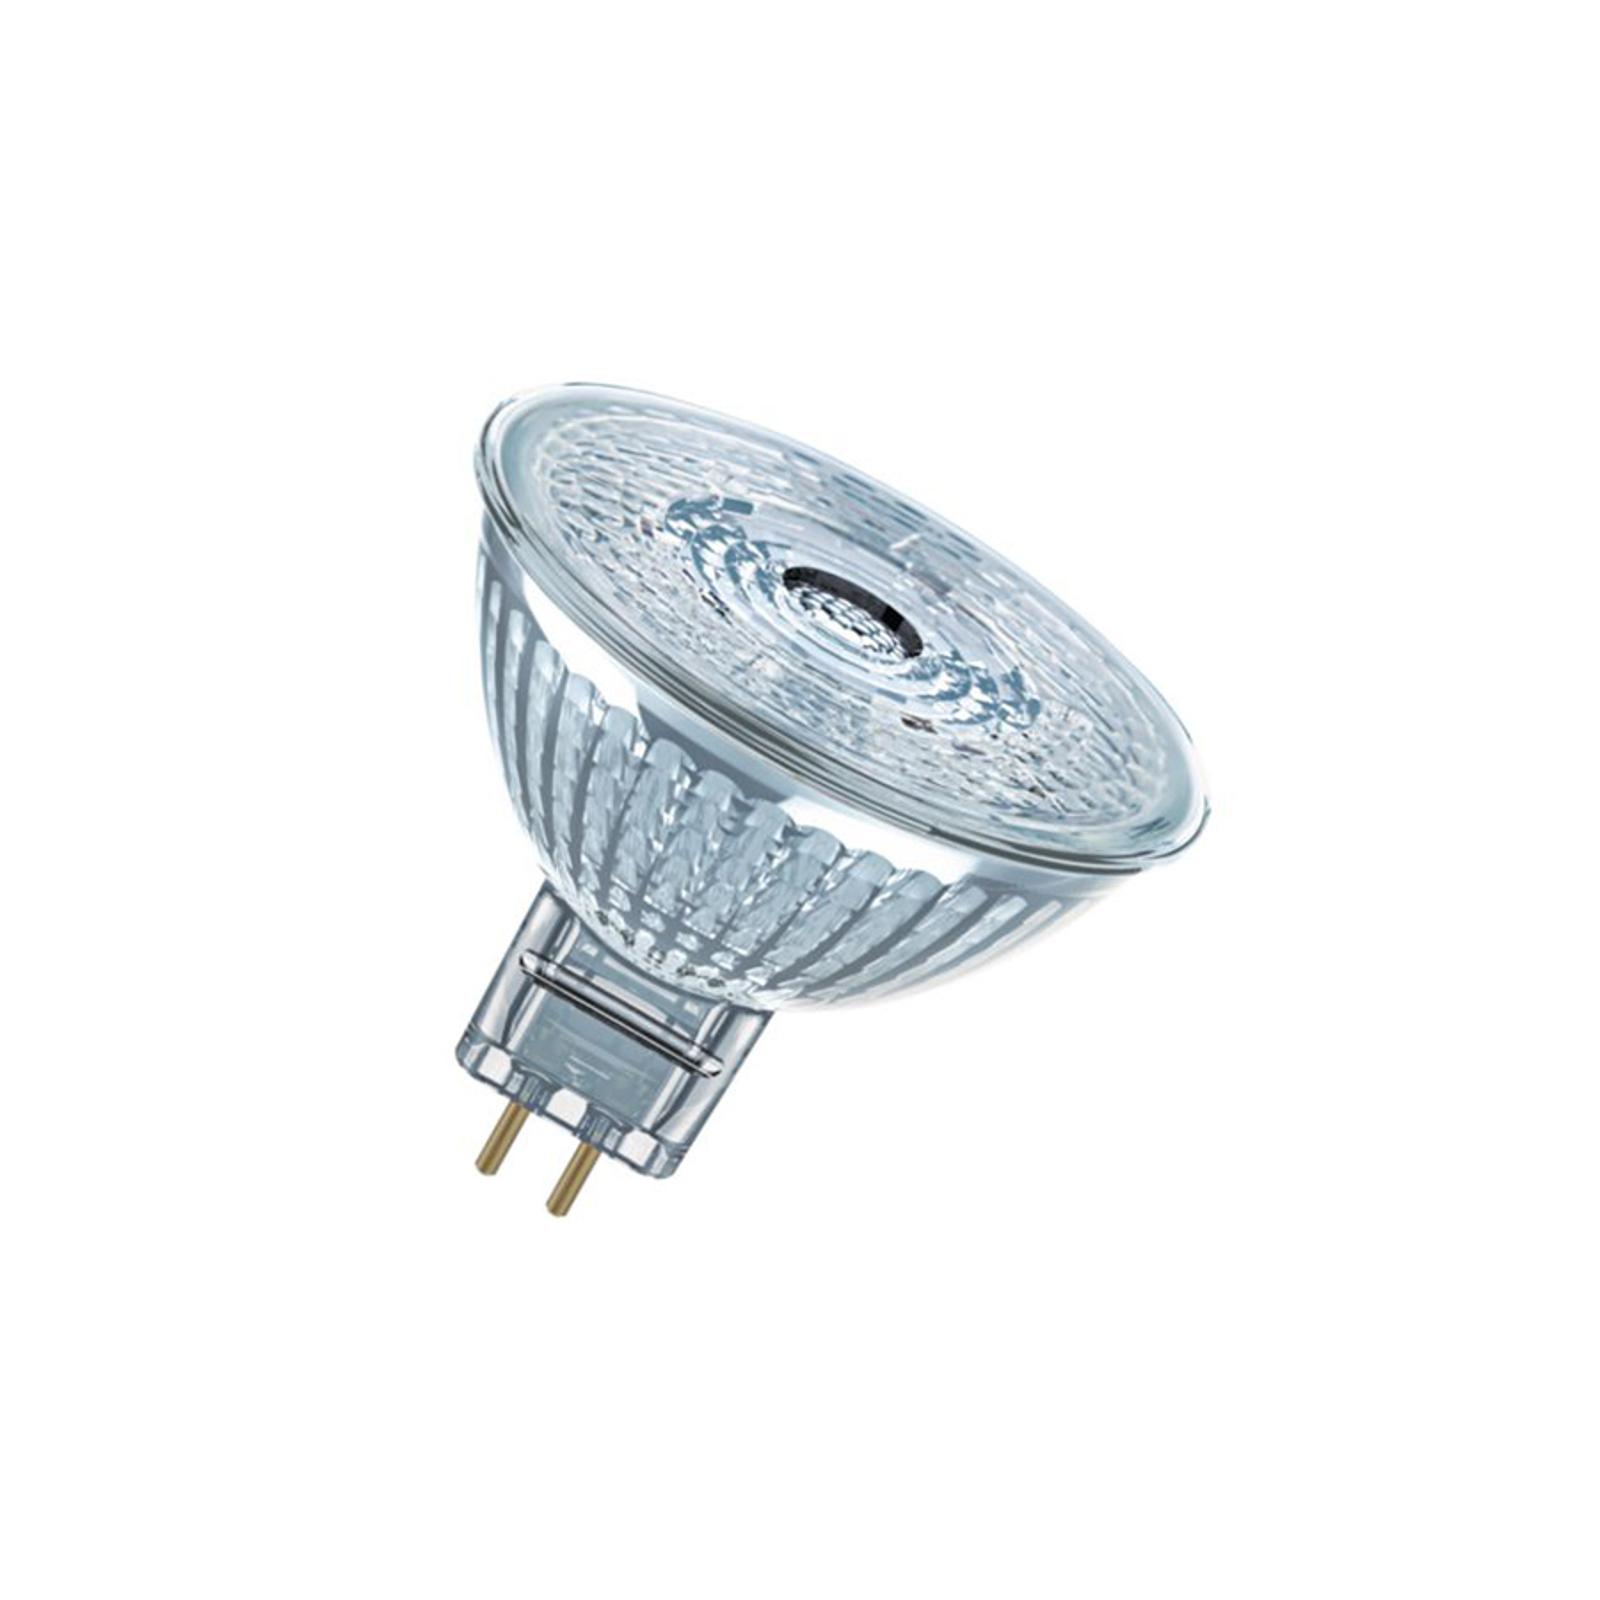 OSRAM LED-Reflektor GU5,3 4,9W 927 36° dimmbar